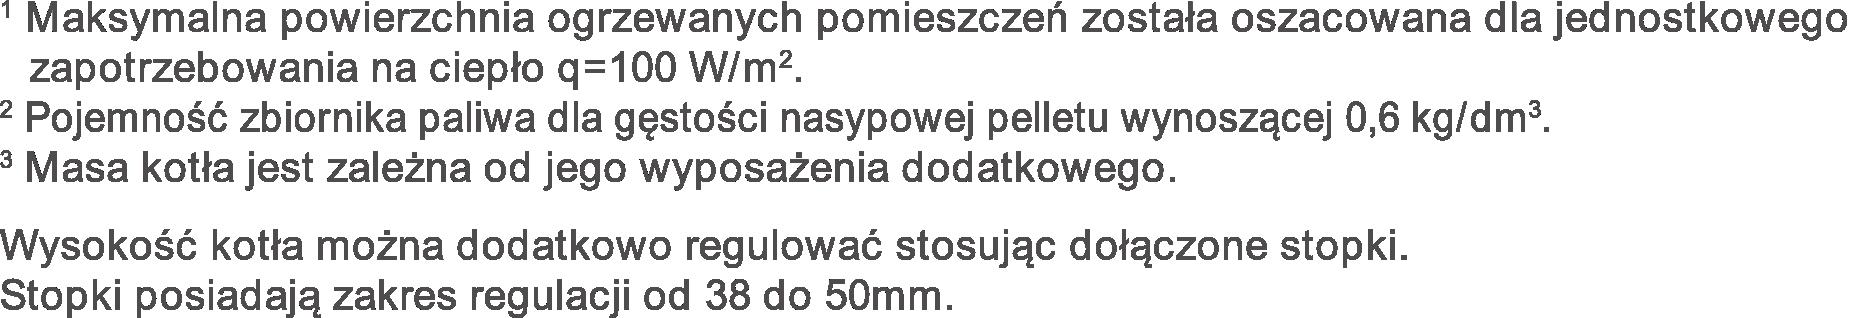 Dane techniczne - opis kotła DEFRO DELTA EKOPELL